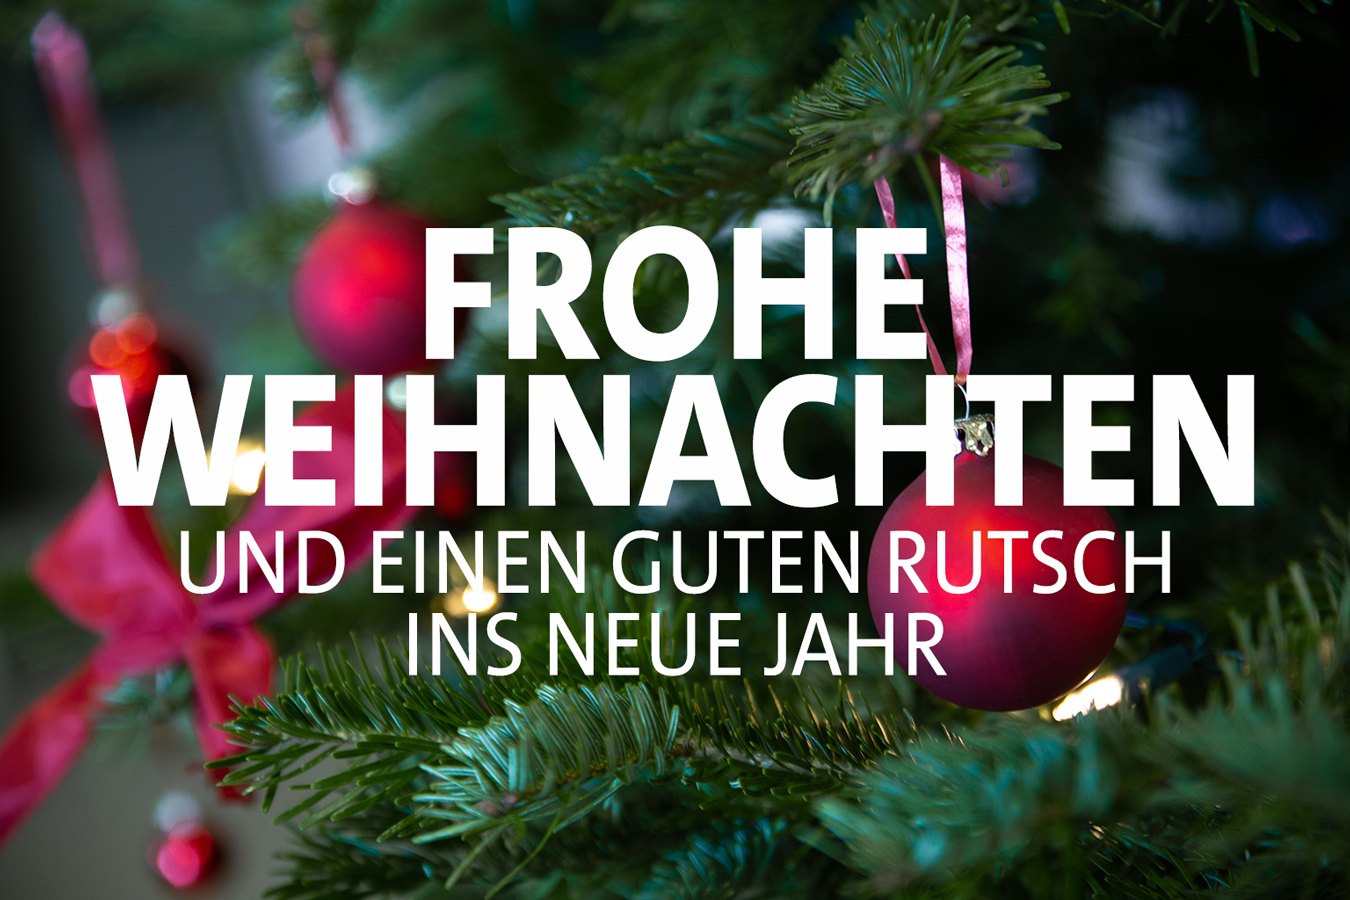 Frohe Weihnachten Einen Guten Rutsch Ins Neue Jahr.Frohe Weihnachten Und Einen Guten Rutsch Ins Neue Jahr Spd Duisburg